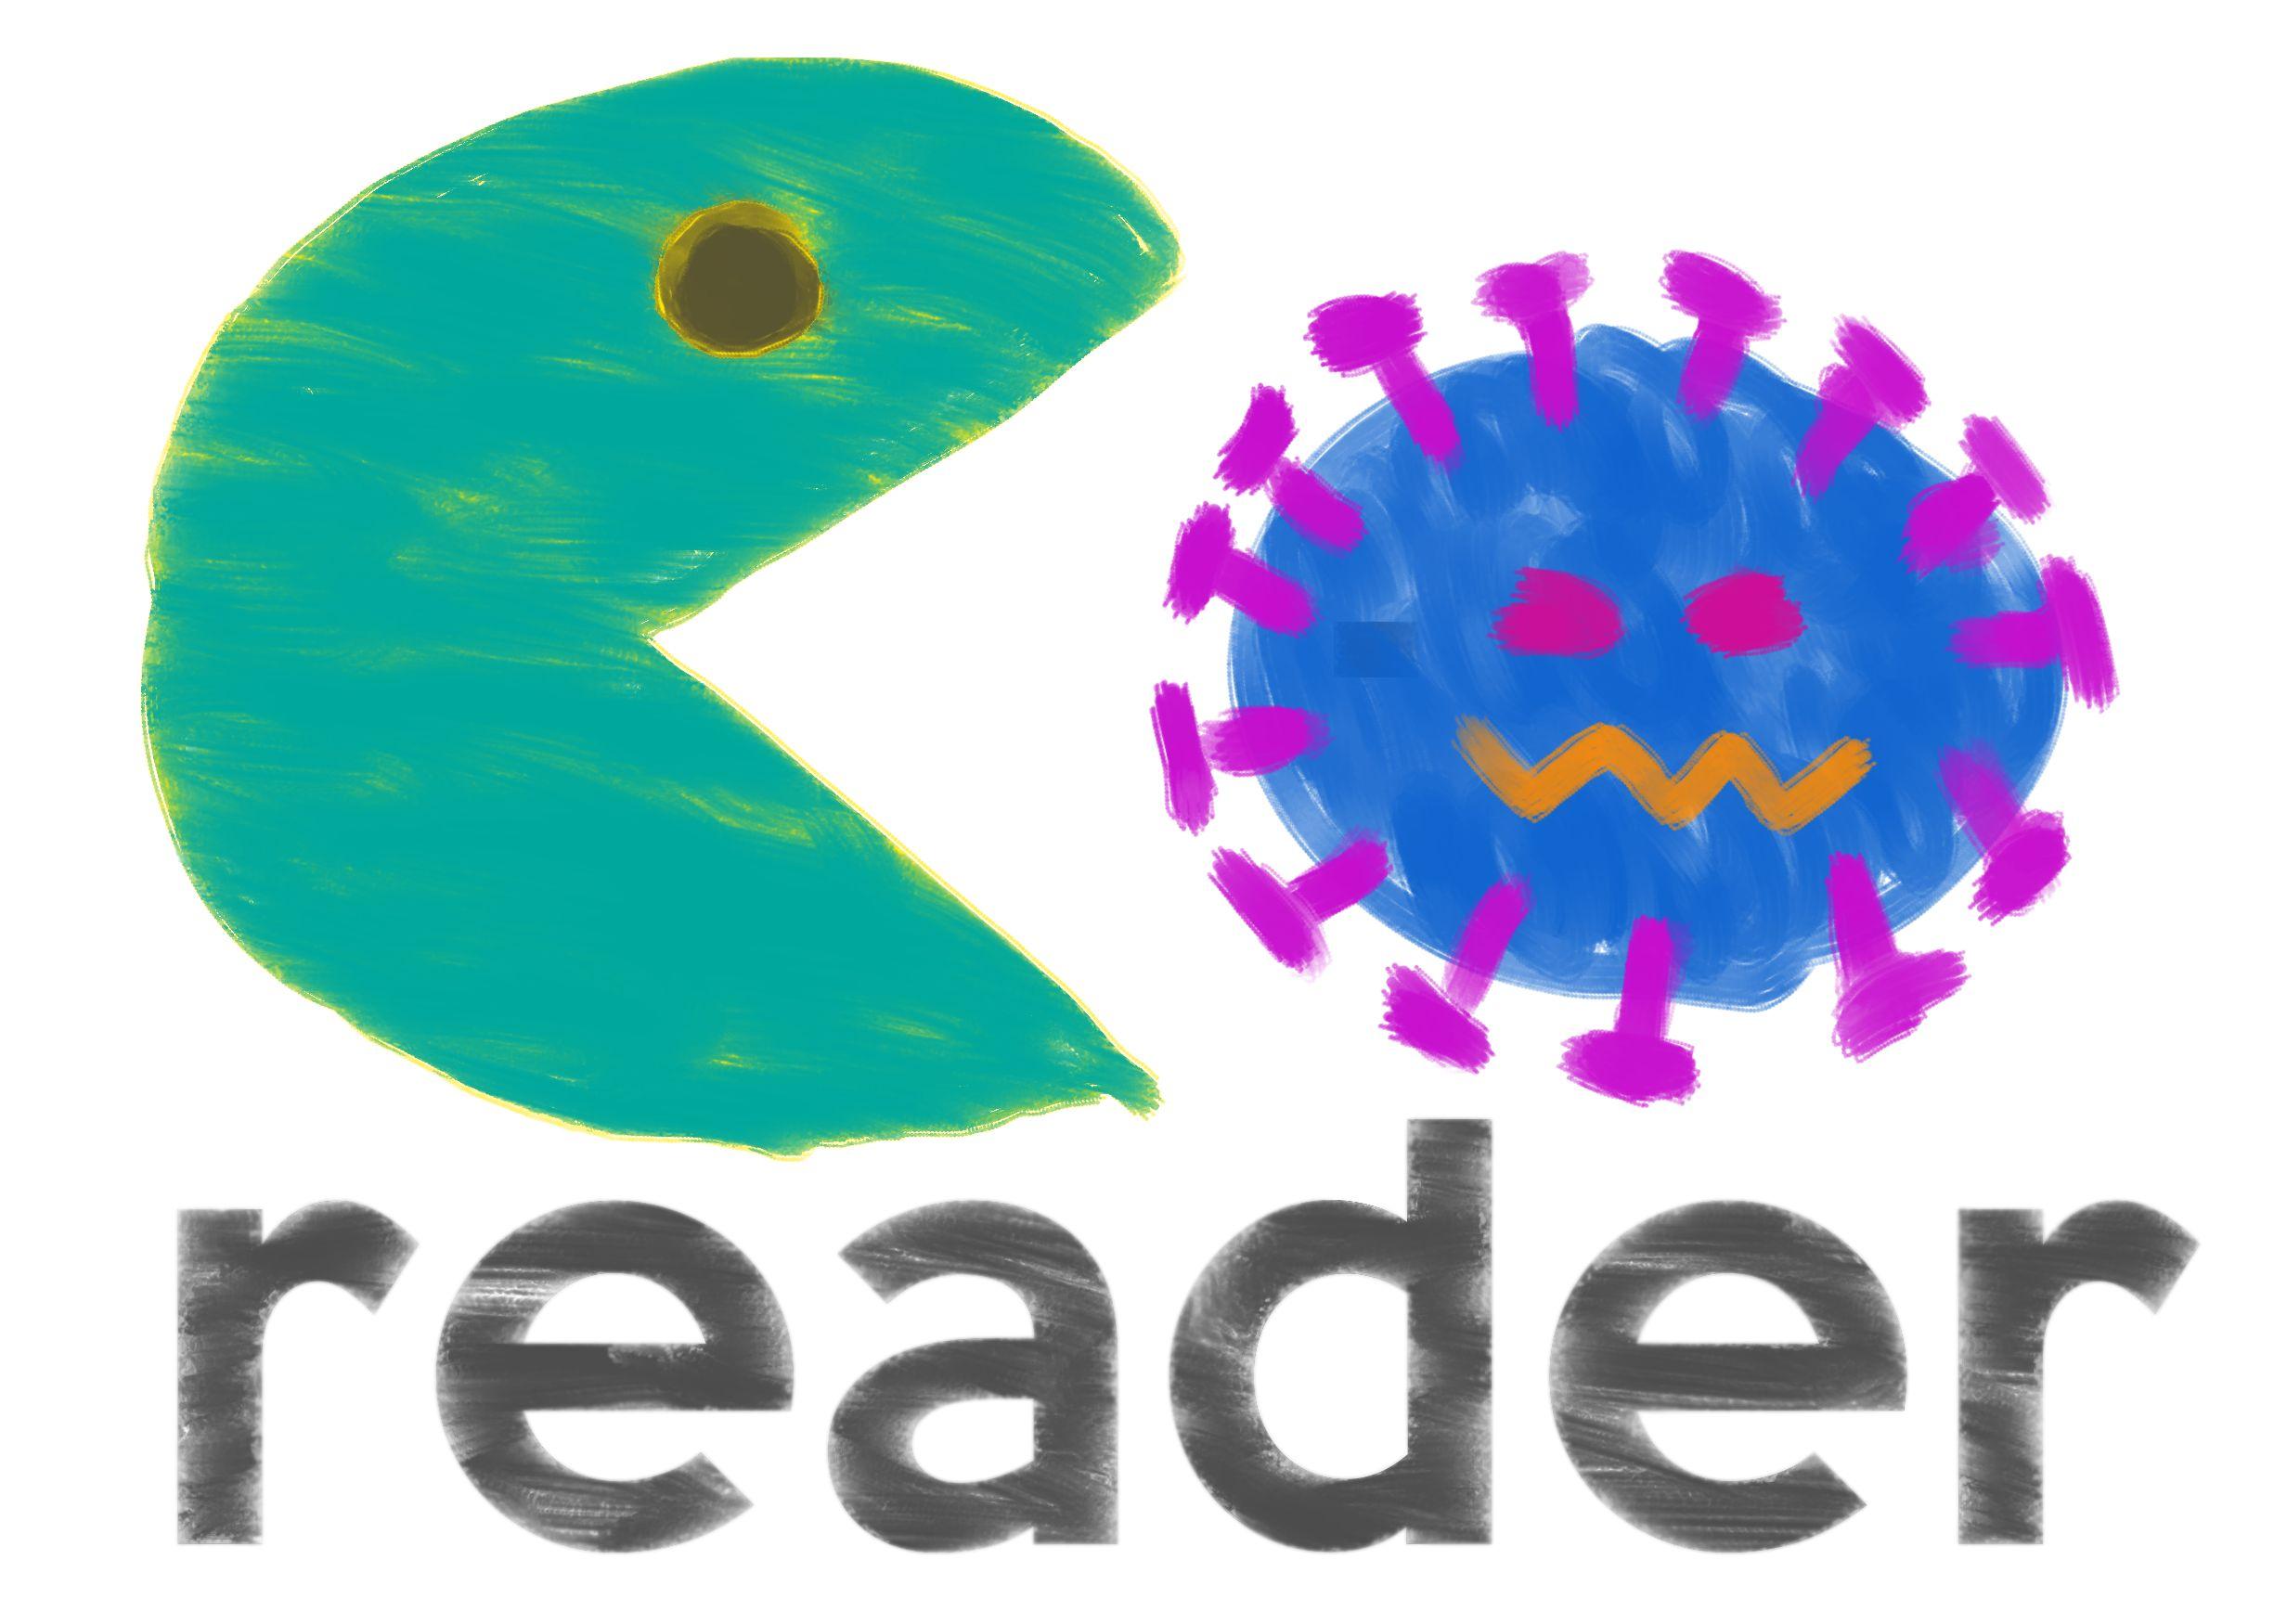 koreader-2020 04-coronavirus-evillll